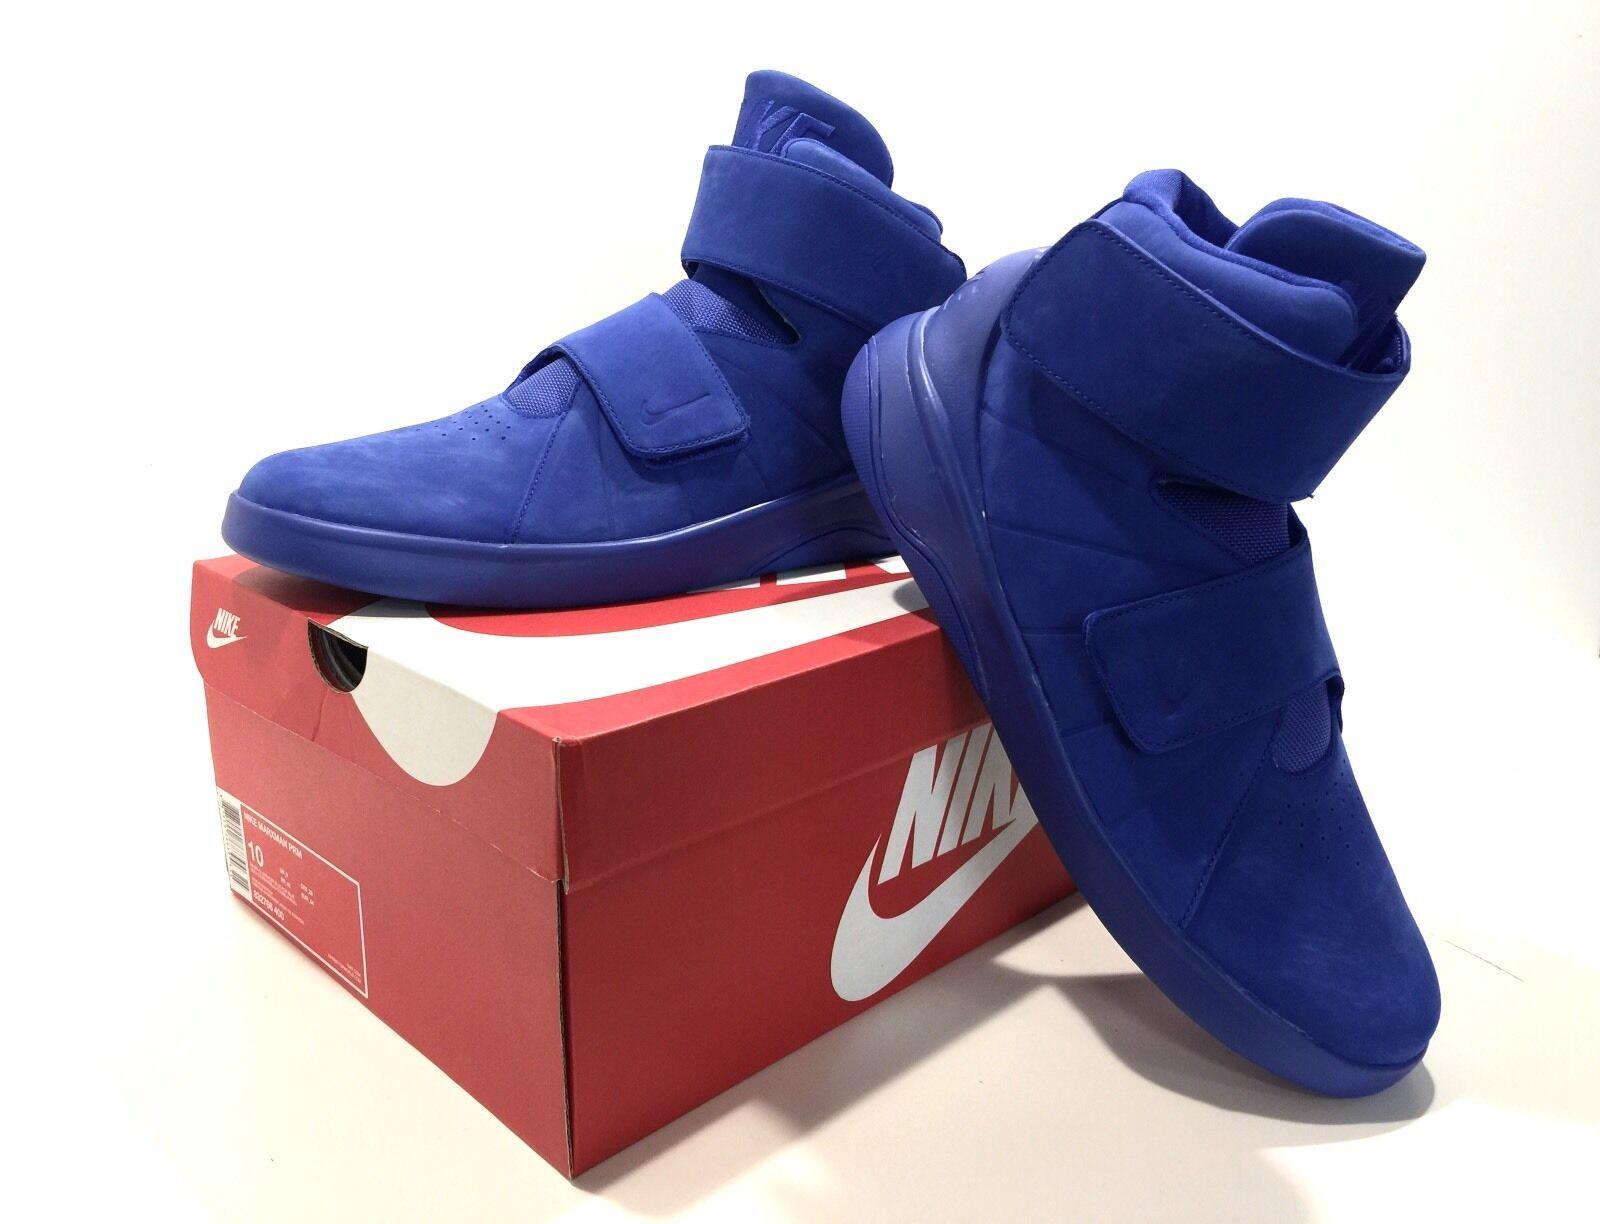 NIKE Marxman Premium BLUE - Herren Sneaker - EU44 - NEU - Ungetragen